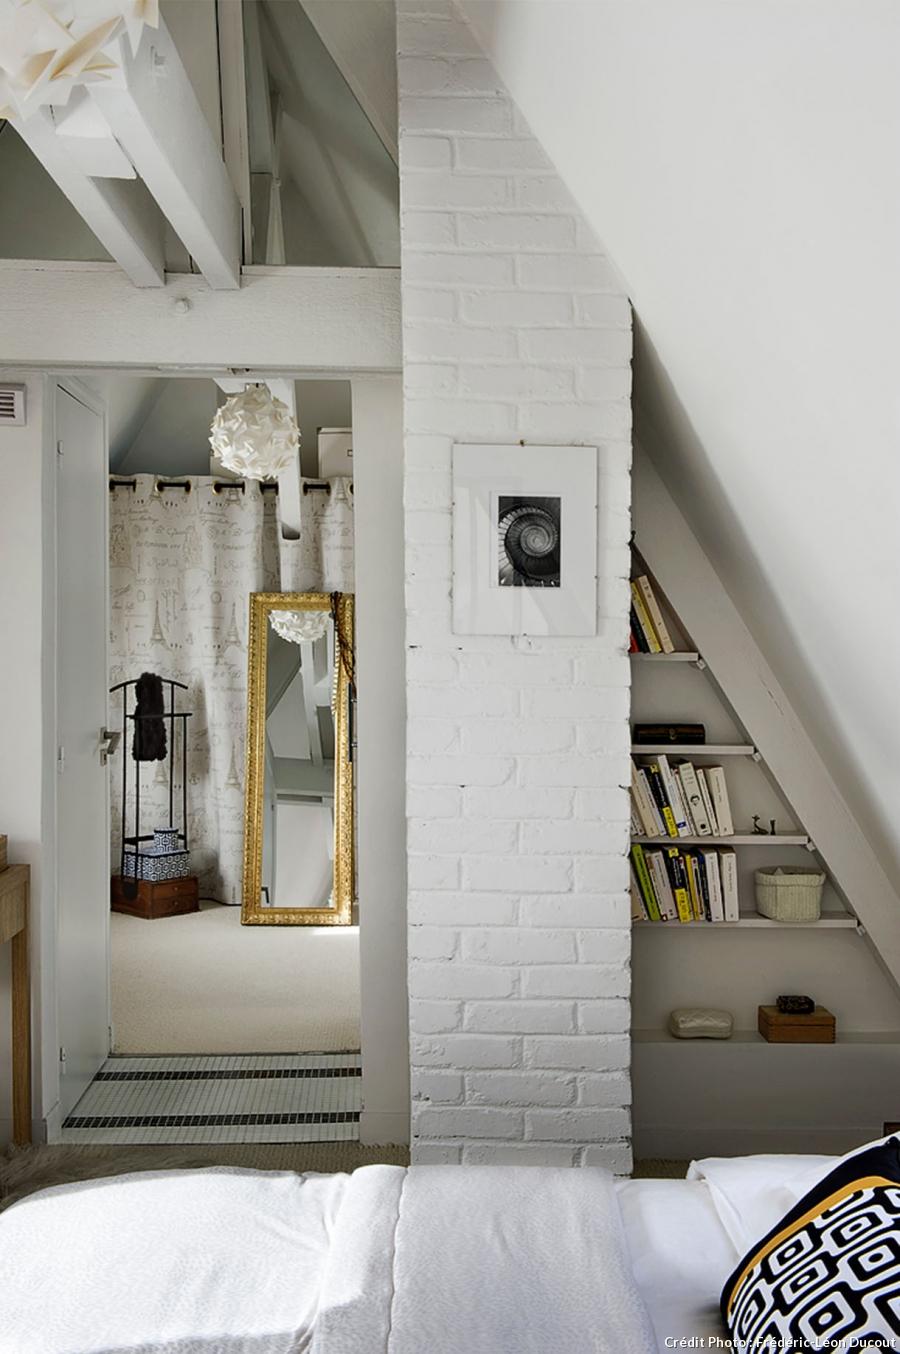 loft-sous-toit-paris-mezzanine-vitrage-atelier-chambre-toute-blanche-mur-briques-apparentes-sol-carrele-bibliotheque